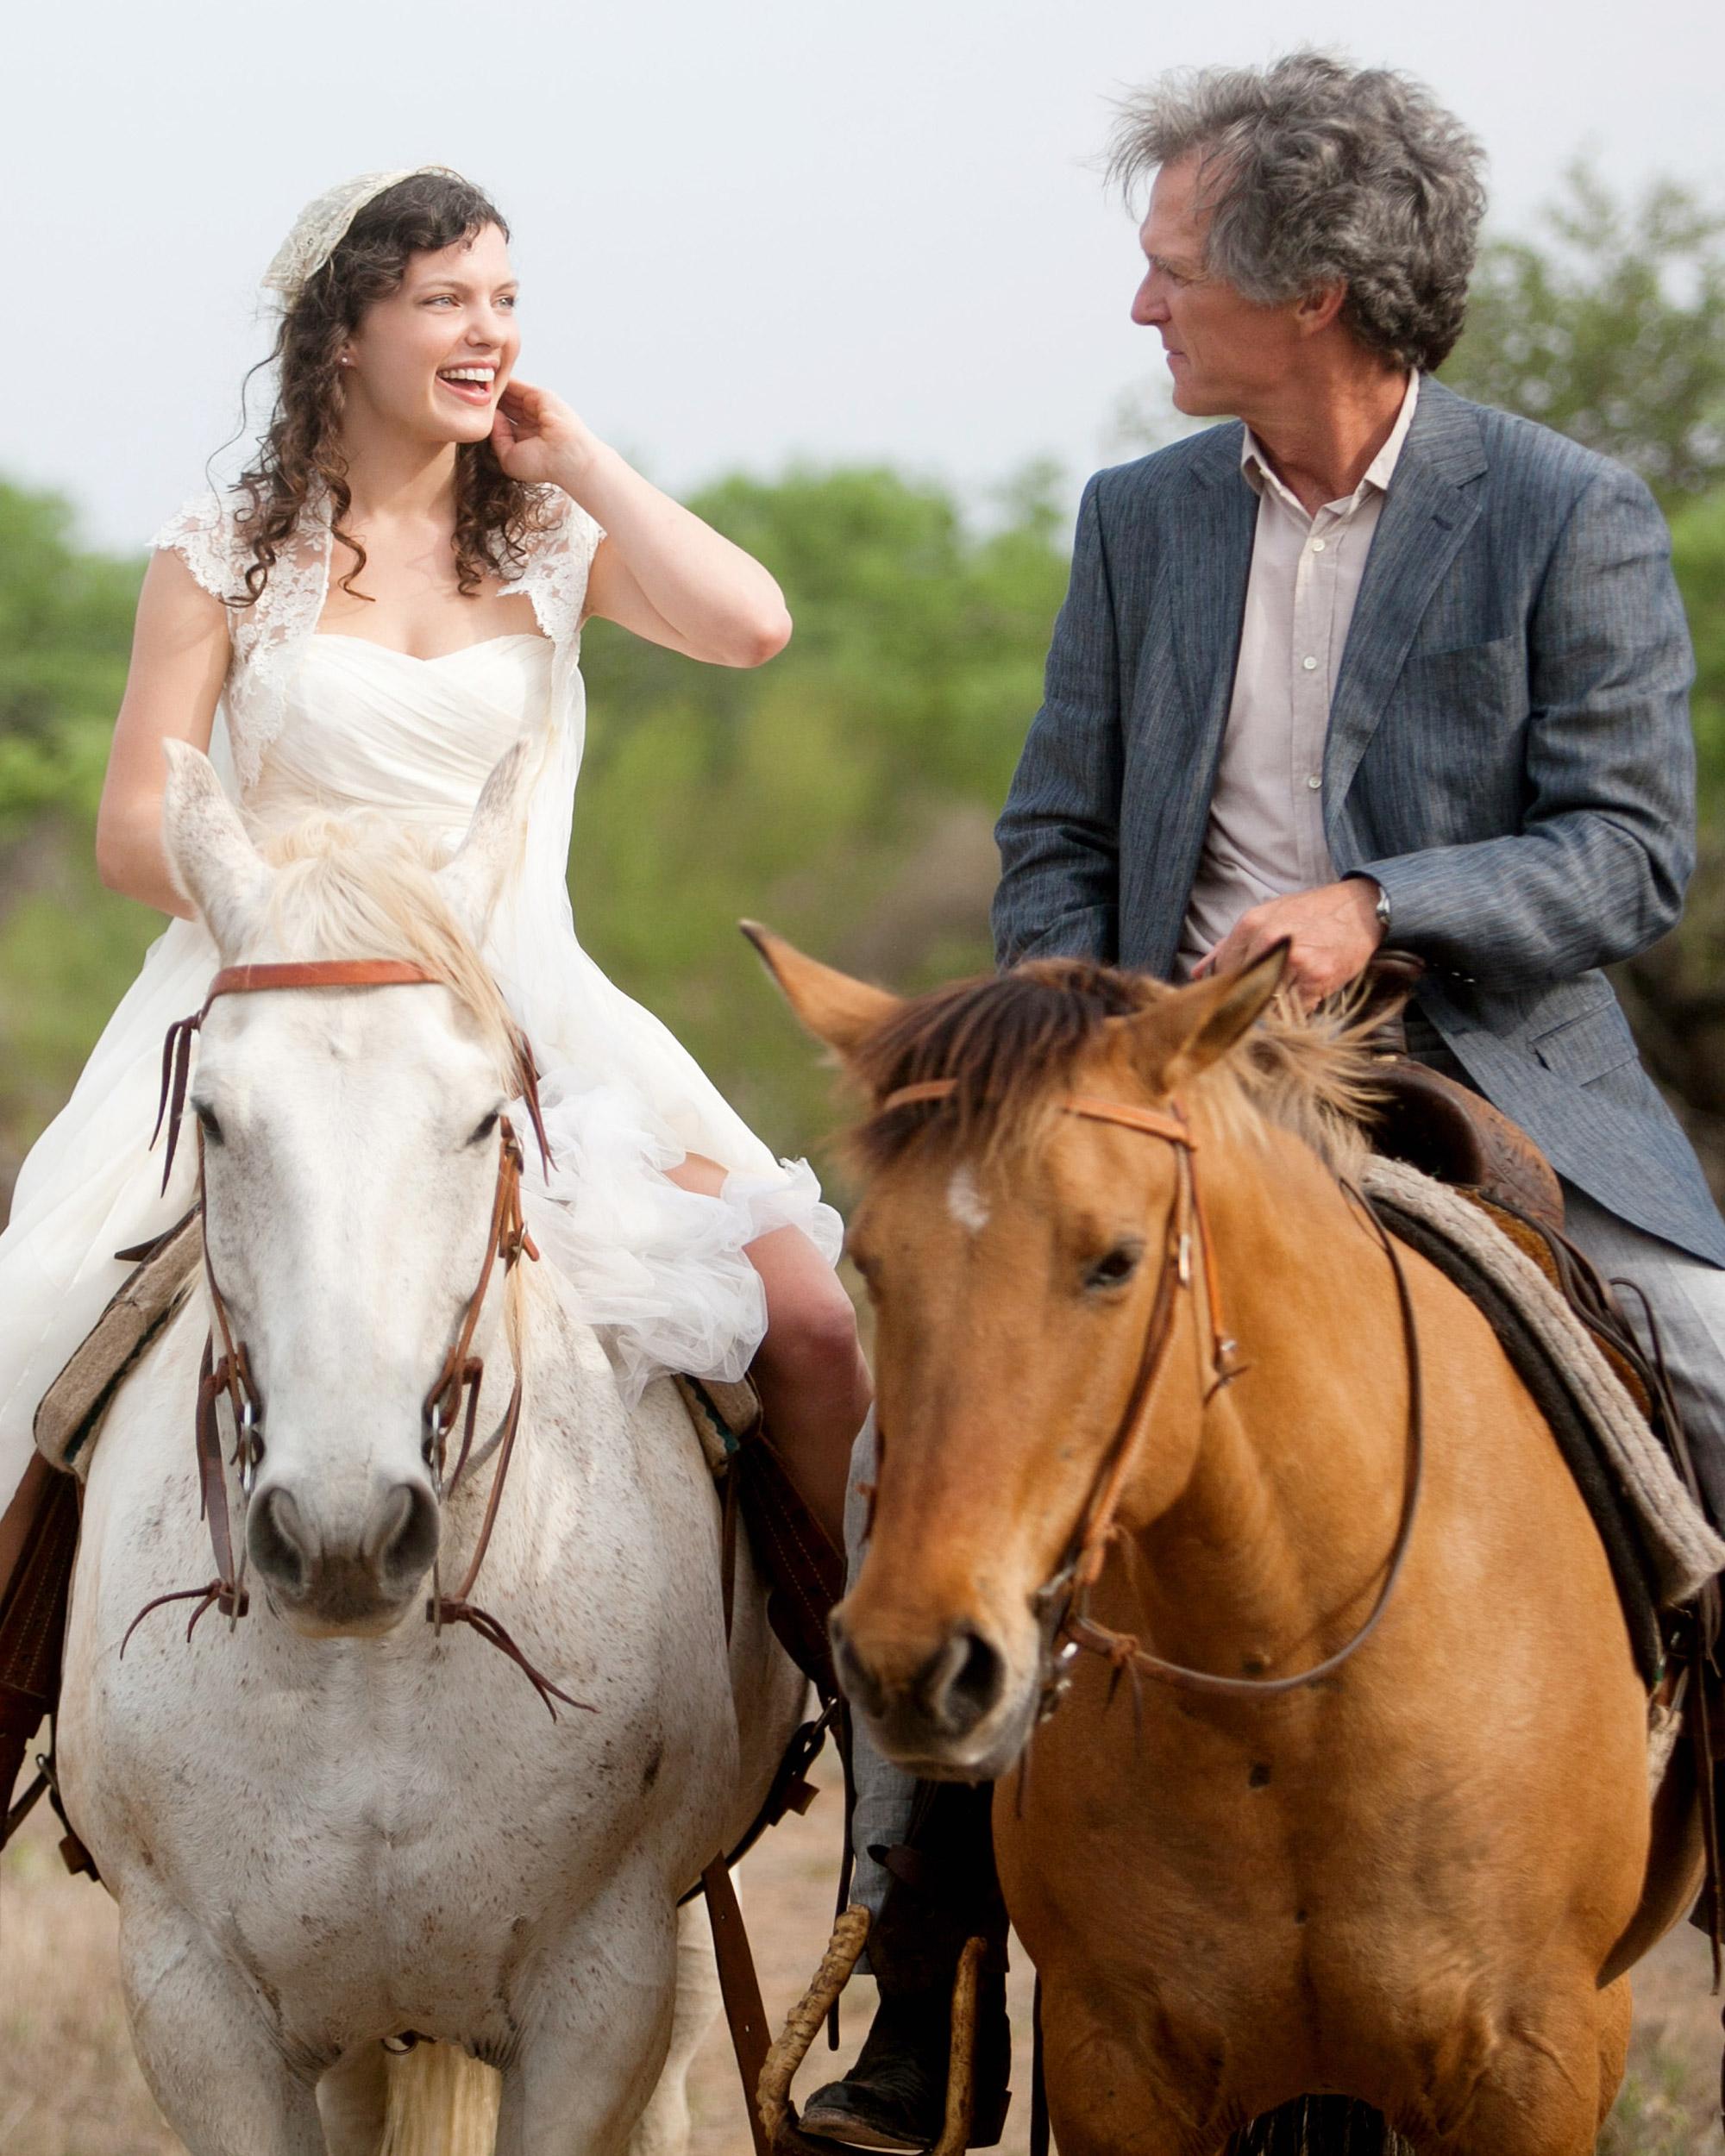 rw-ellie-shawn-riding-horses-110423.jpg